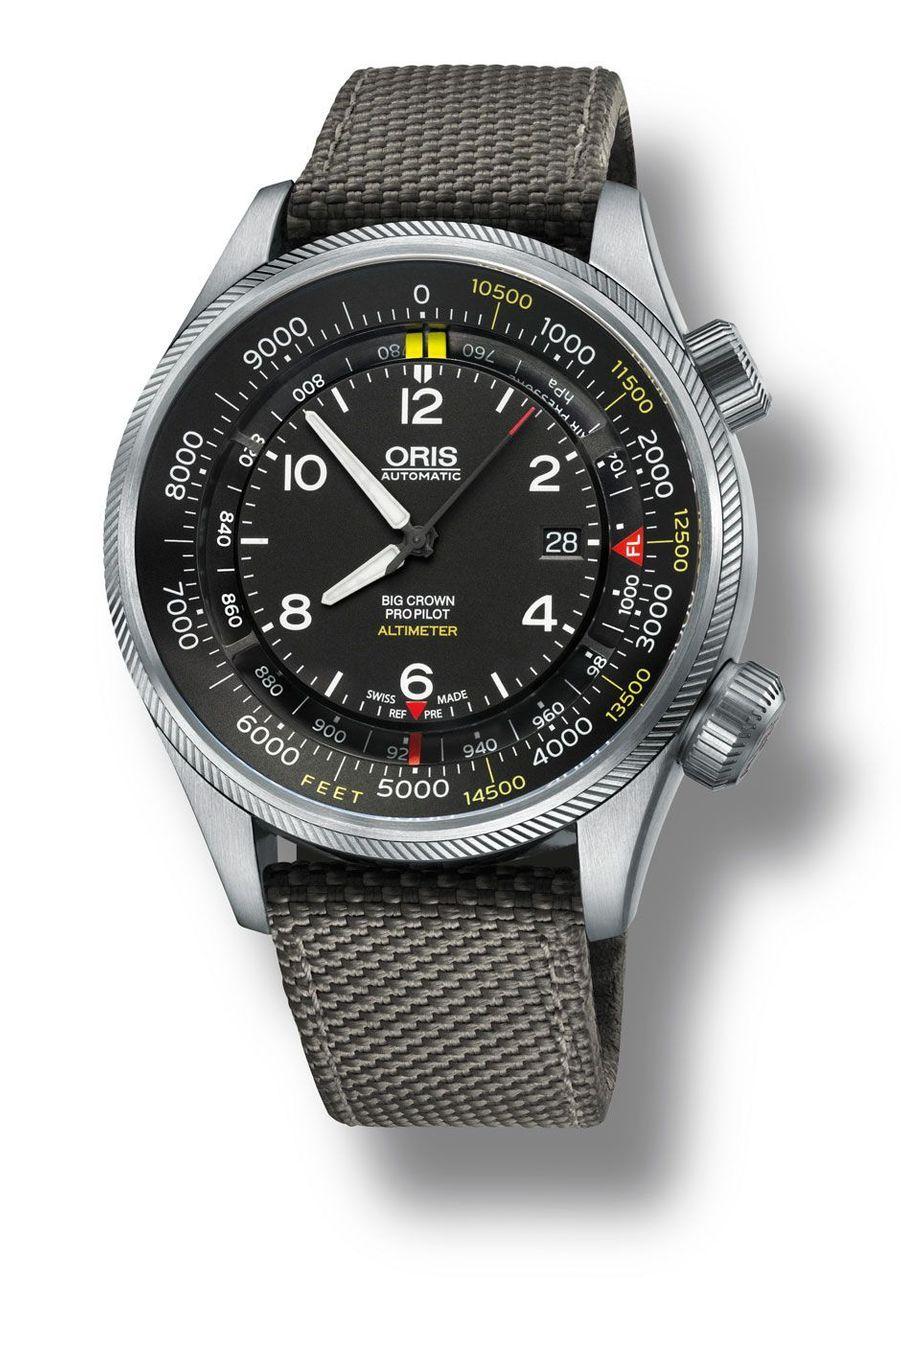 Big Crown ProPilot Altimeter. Boîte en acier, 47 mm de diamètre, mouvement automatique, bracelet en toile renforcée. 3 500 €. Oris.